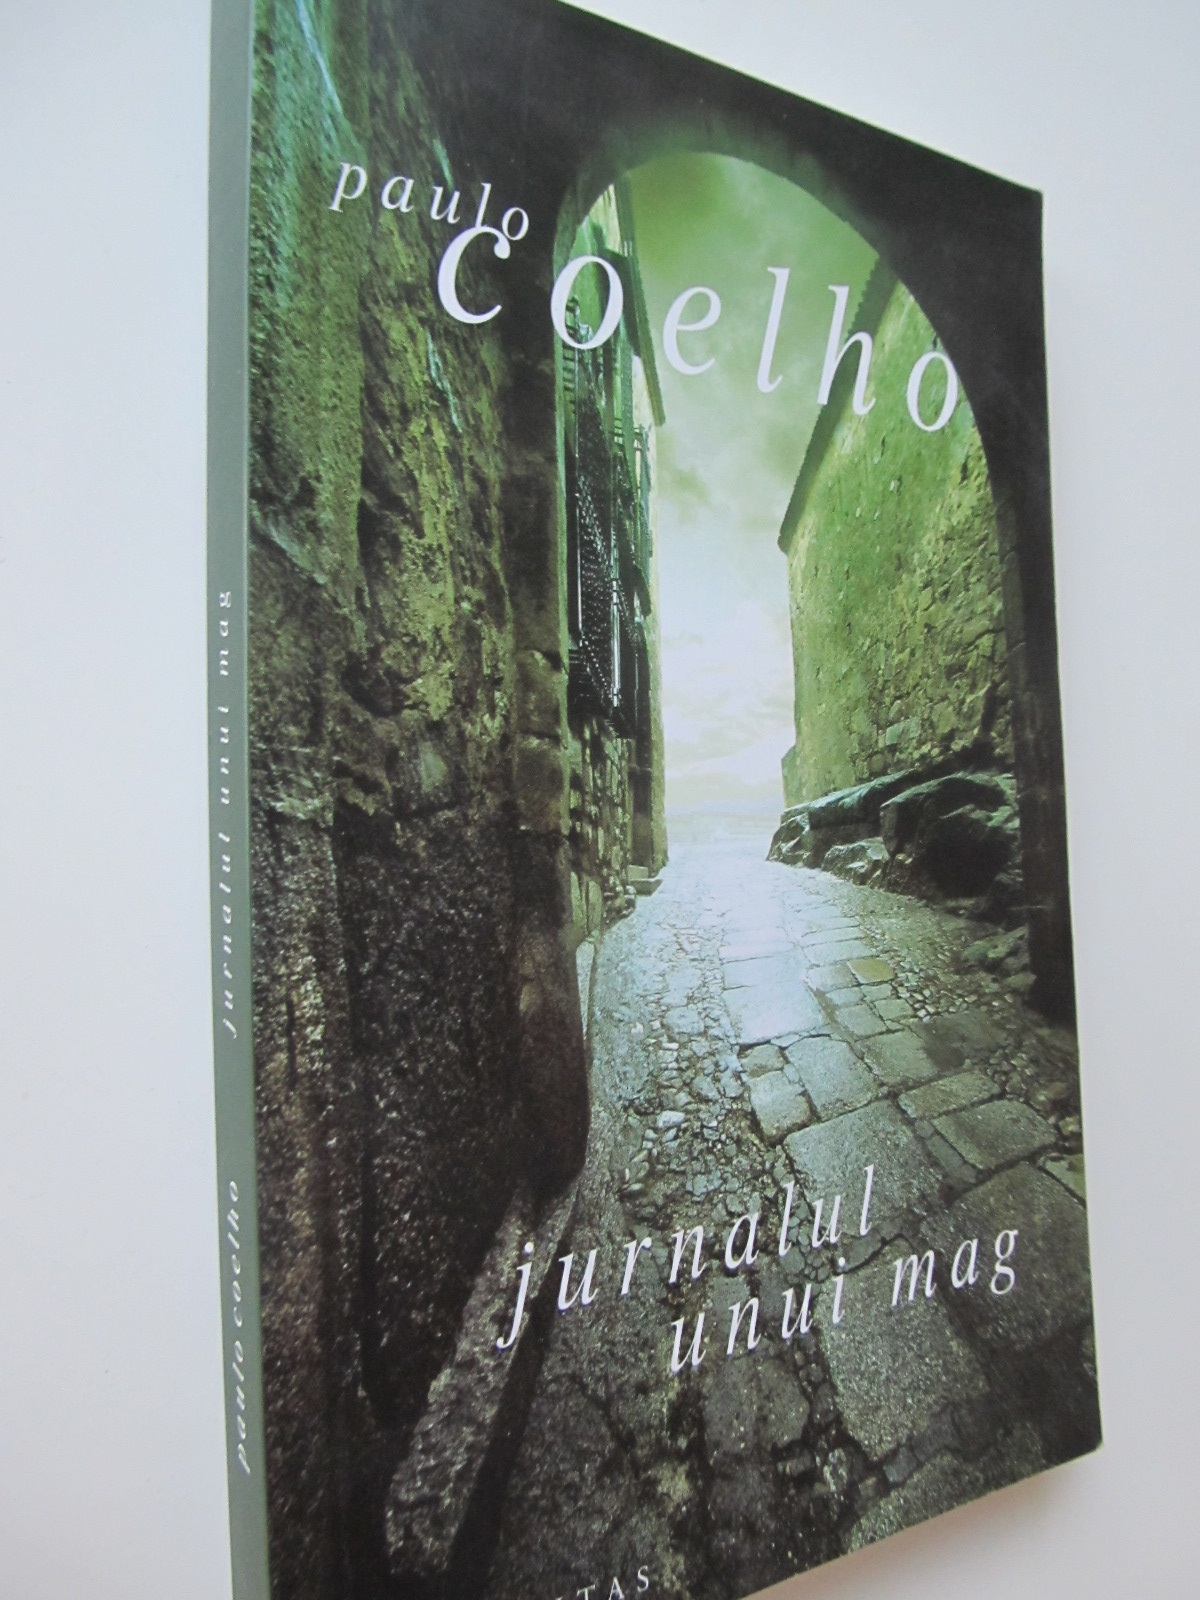 Jurnalul unui mag - Paulo Coelho | Detalii carte